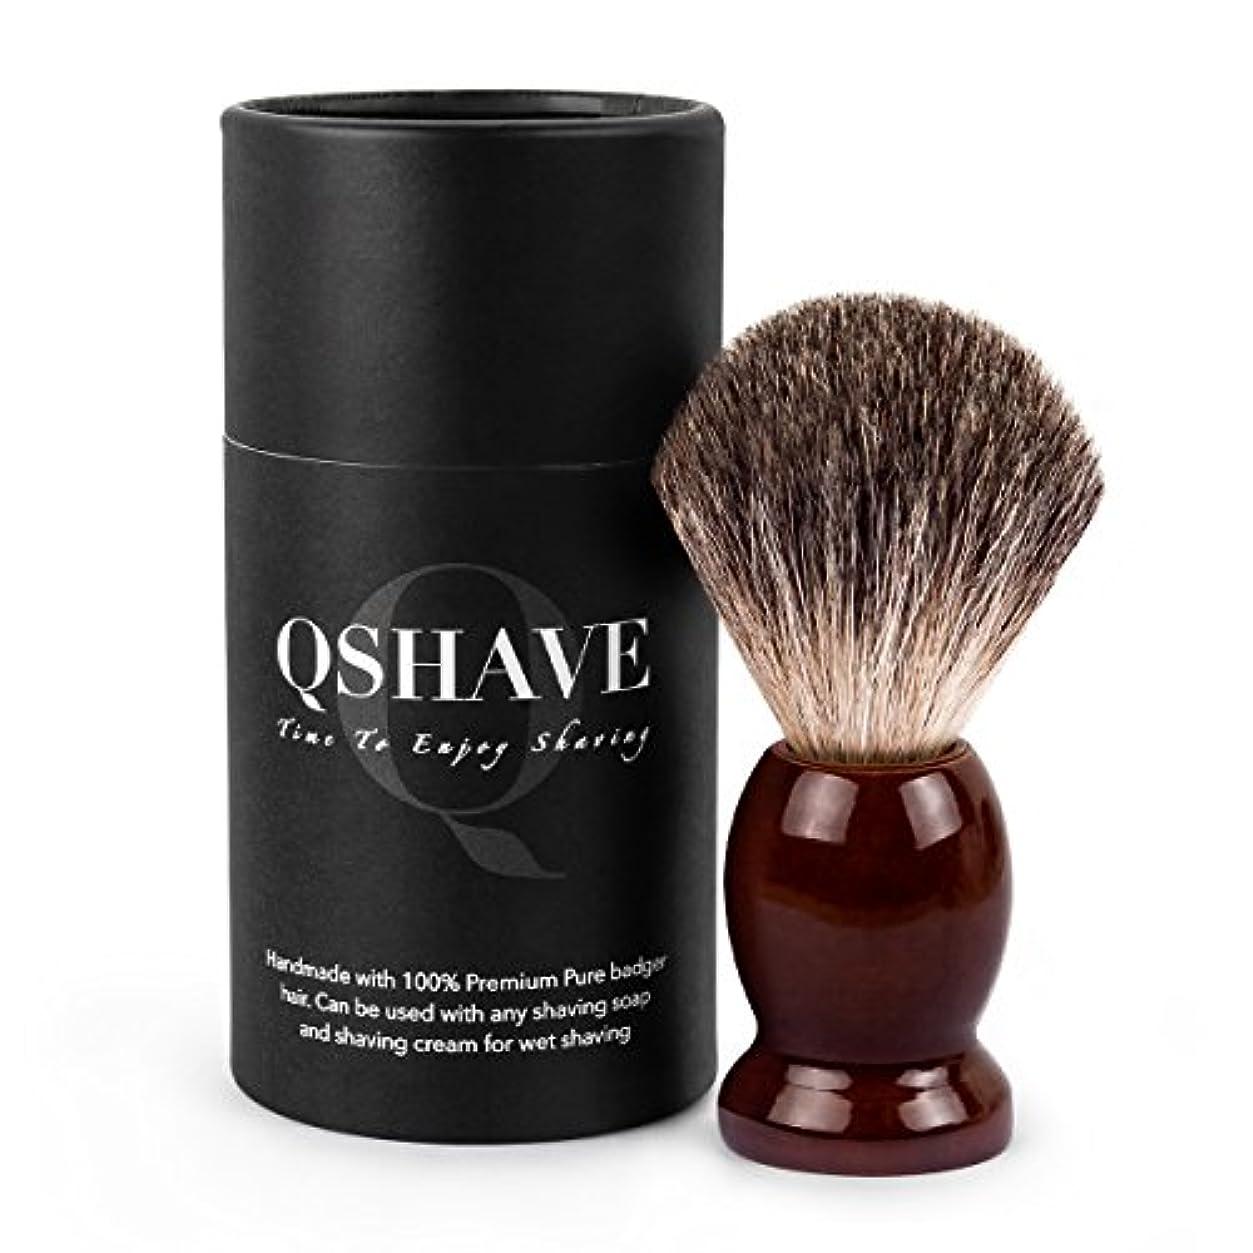 手書き逮捕葡萄QSHAVE 100%最高級アナグマ毛オリジナルハンドメイドシェービングブラシ。木製ベース。ウェットシェービング、安全カミソリ、両刃カミソリに最適